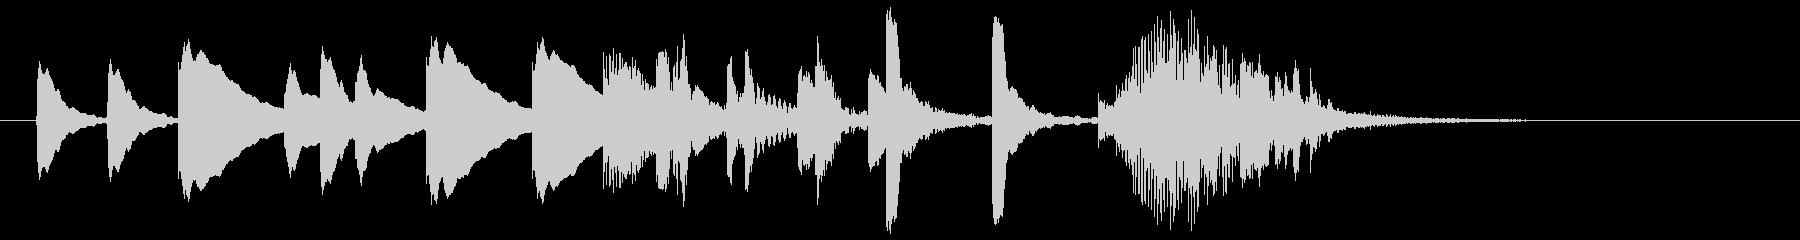 マリンバによるかわいいサウンドロゴの未再生の波形